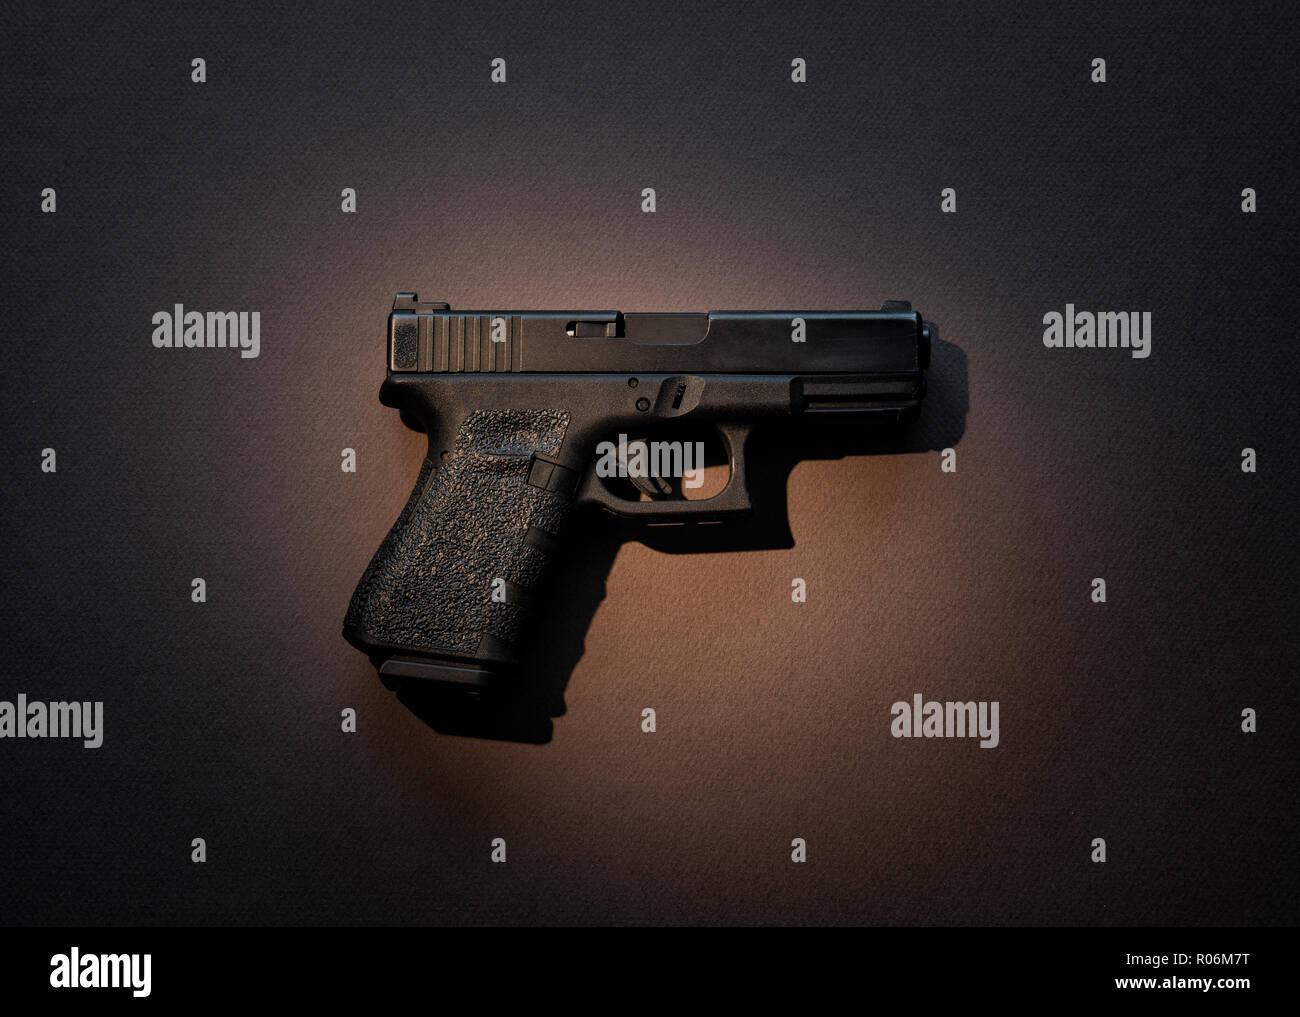 Semiautomatic handgun - Stock Image